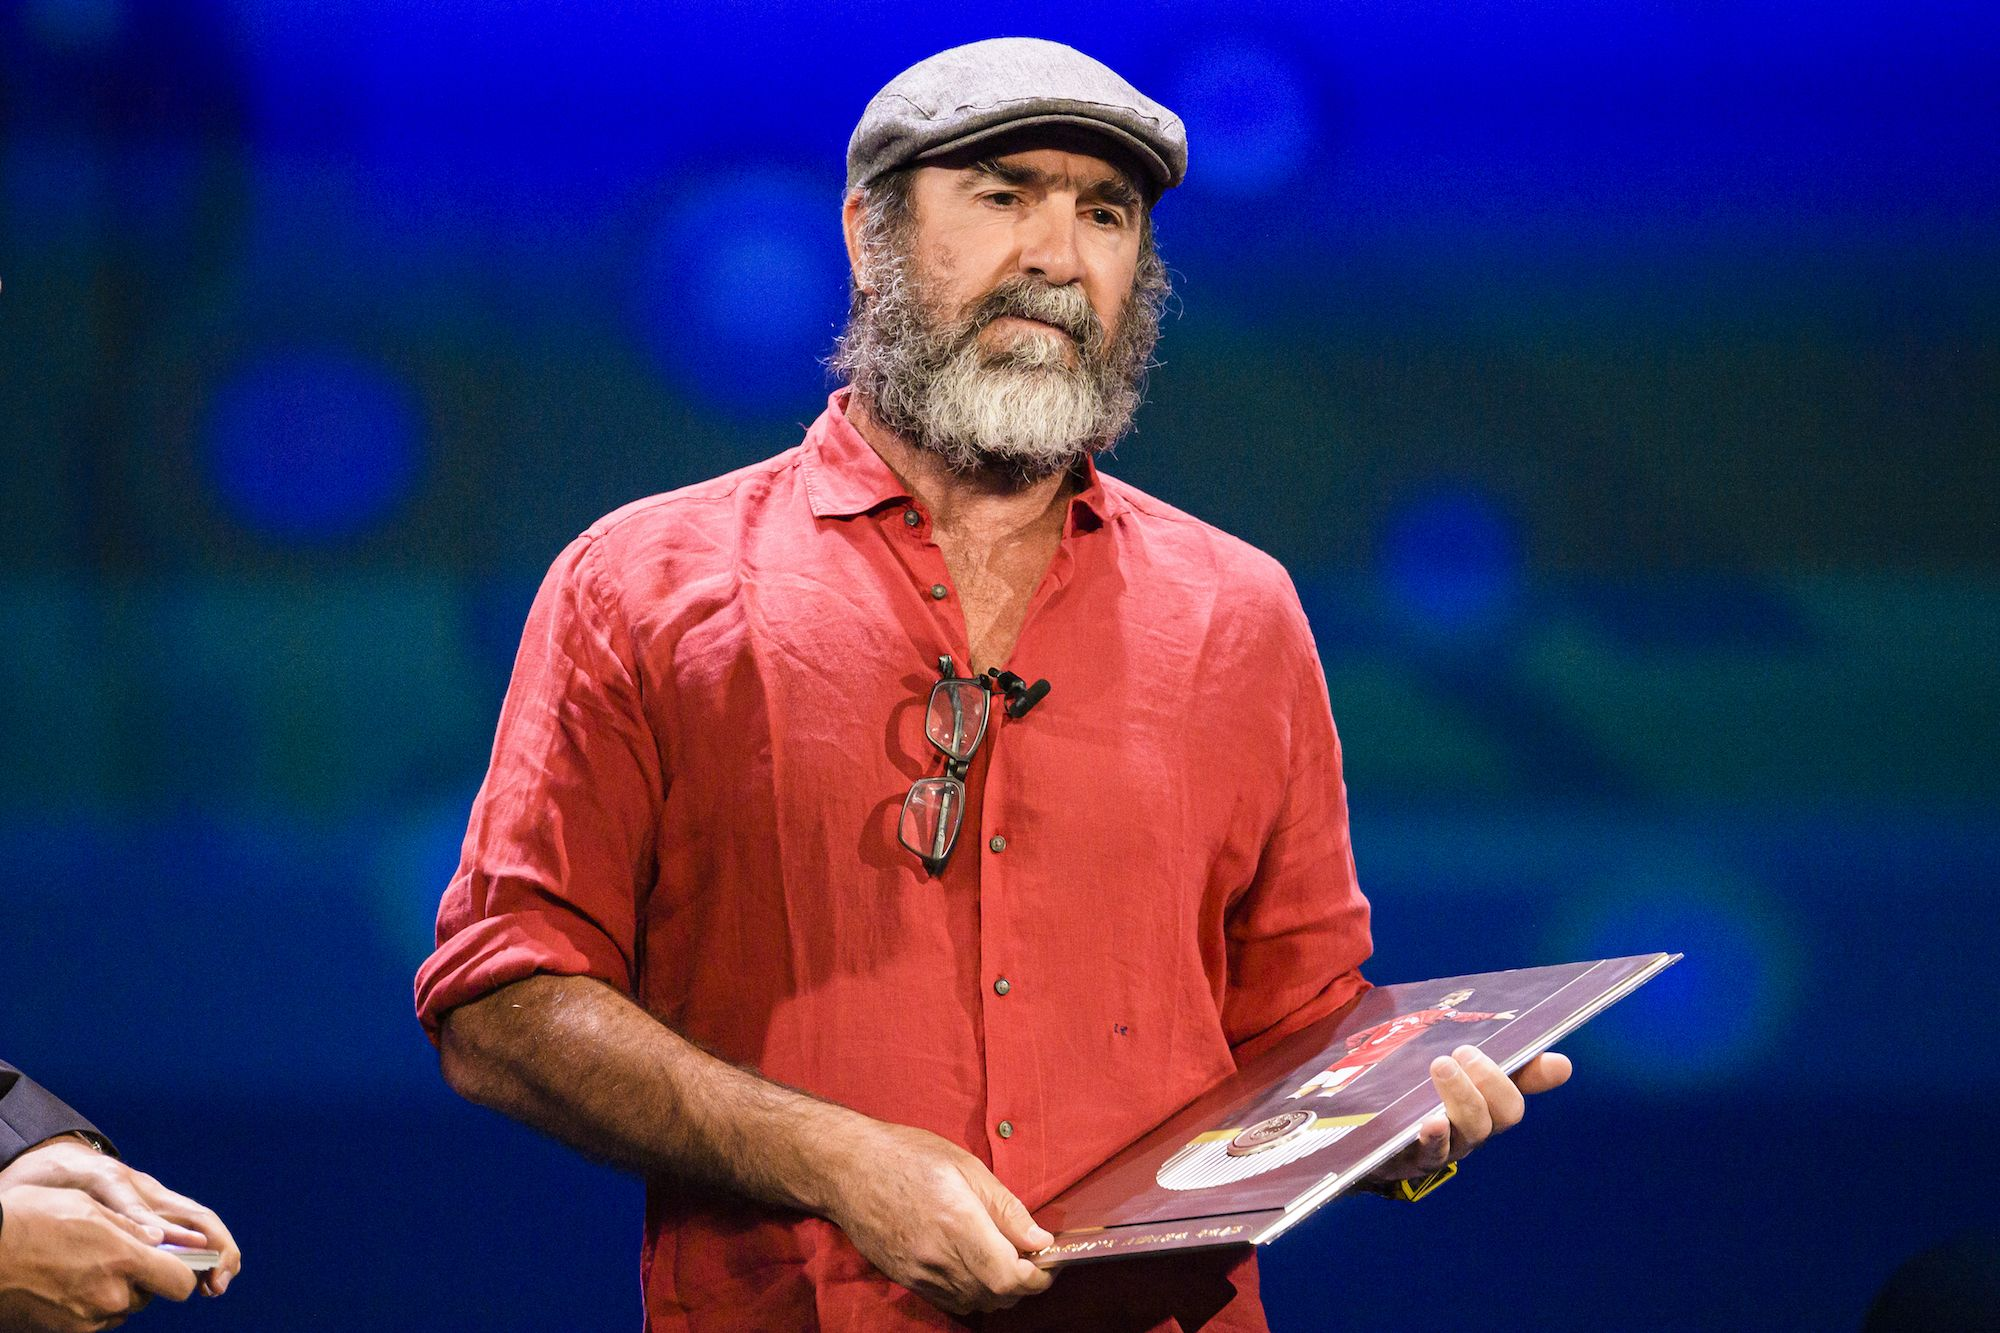 Er wurde zum hsc montpellier ausgeliehen und gewann auch dort den. Eric Cantona S Acceptance Speech At Ballon D Or Ceremony Was Philosophical Meditation